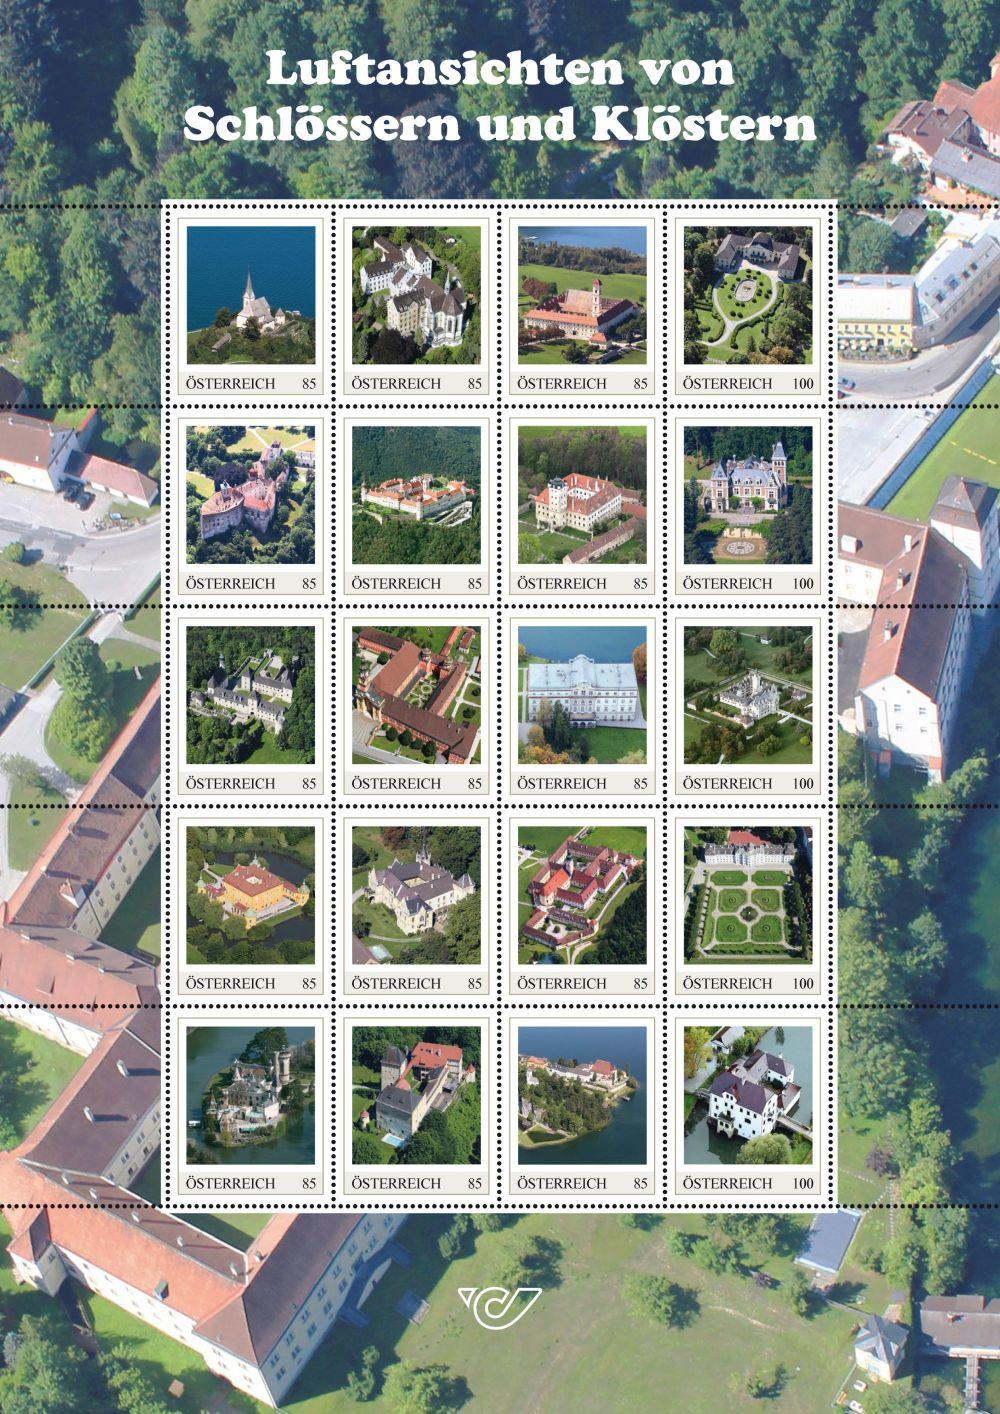 20 Briefmarken mit Motiven aus neun Bundesländern, alle Fotos von Stefanie Grüssl